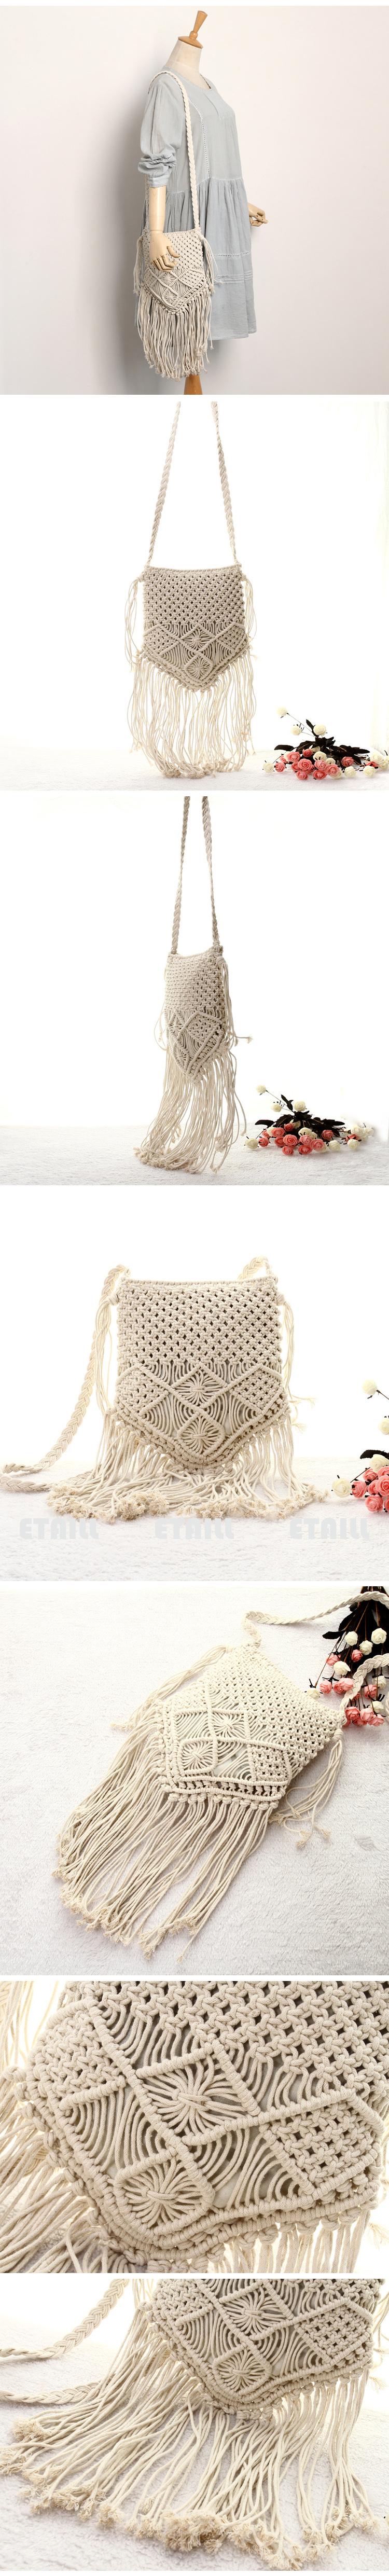 Women Crochet Fringed Messenger Bags Tassels